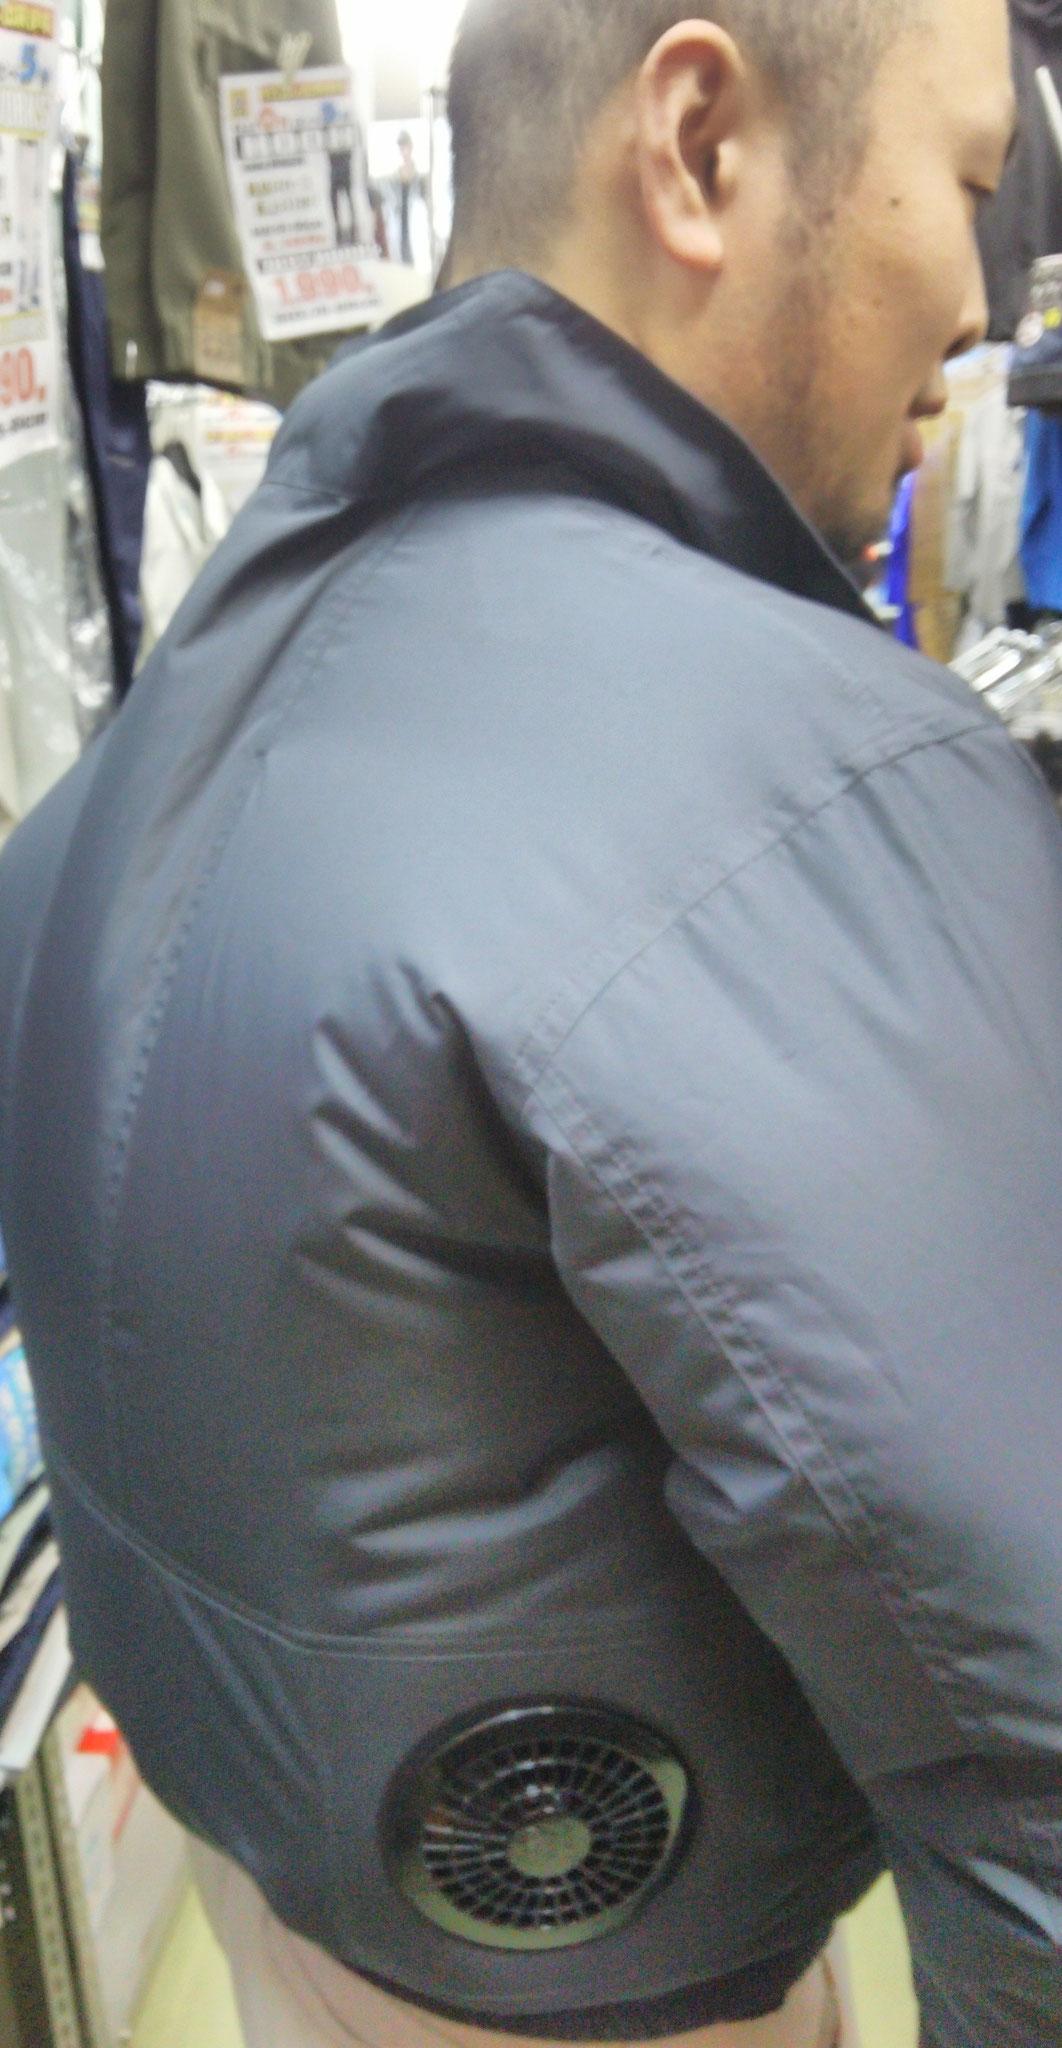 88300  エスエアーブルゾン ¥2,990(税込)しっかりと風を体へ送り込みます。モデル モデルbyシンメン 石口  さん